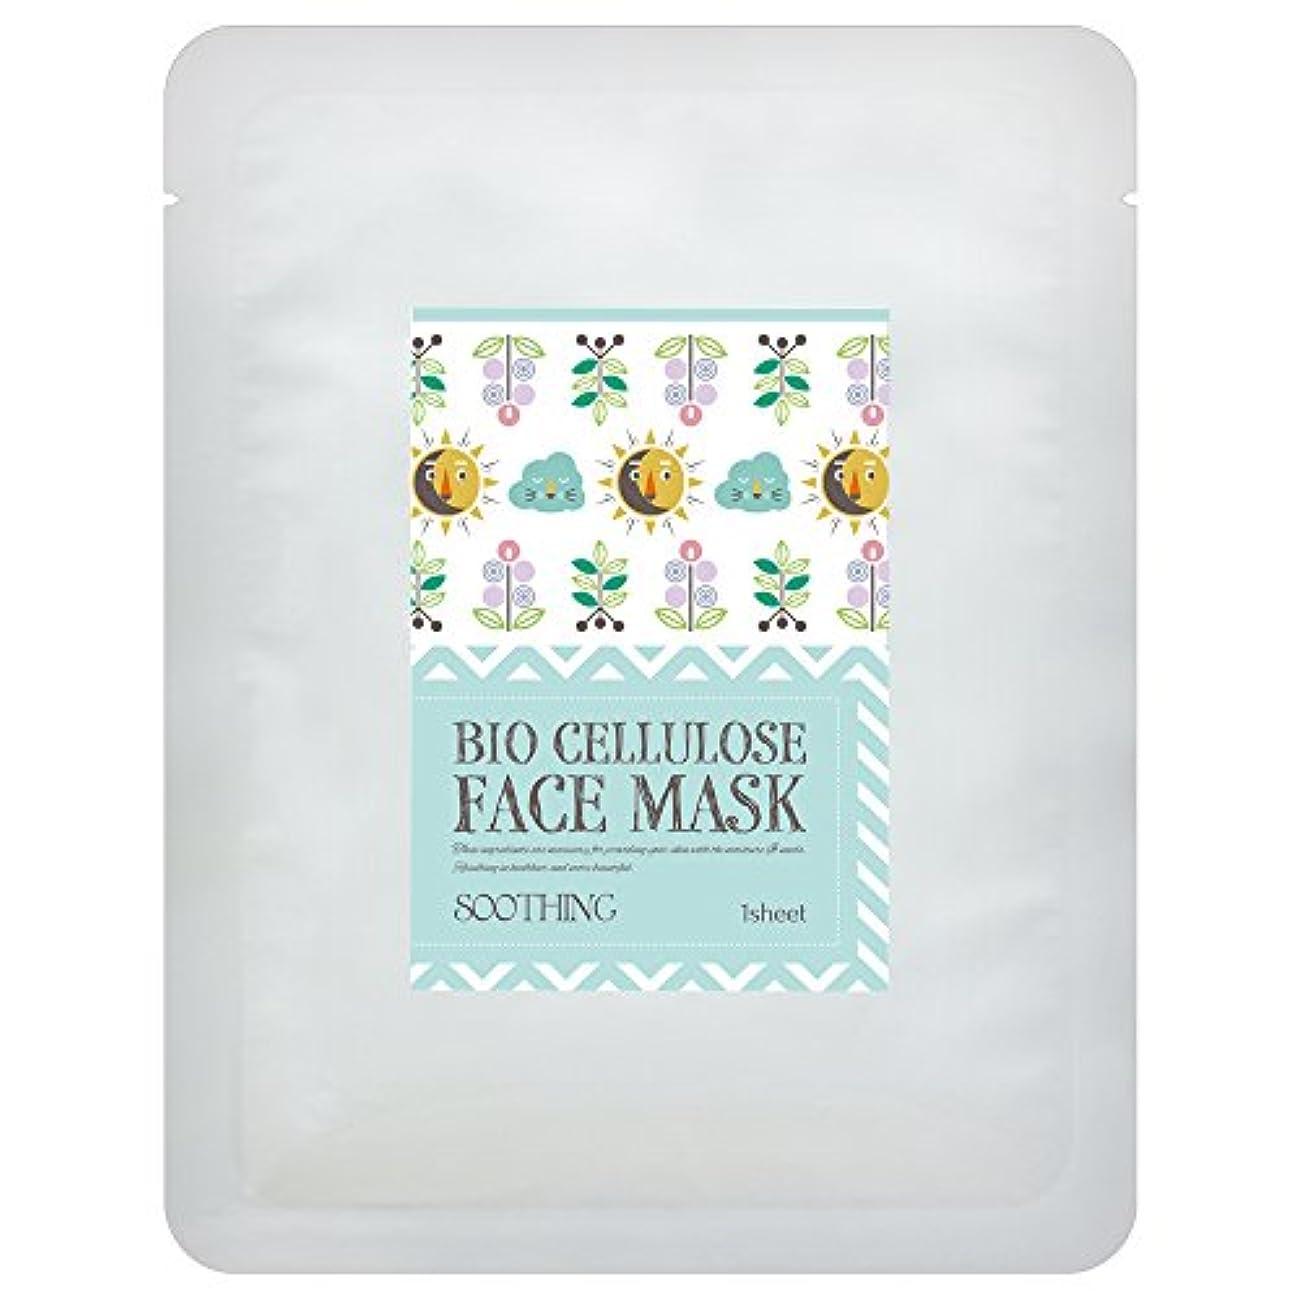 面要旨ぎこちない日本製バイオセルロース フェイスマスク SOOTHING(引き締め) 1枚